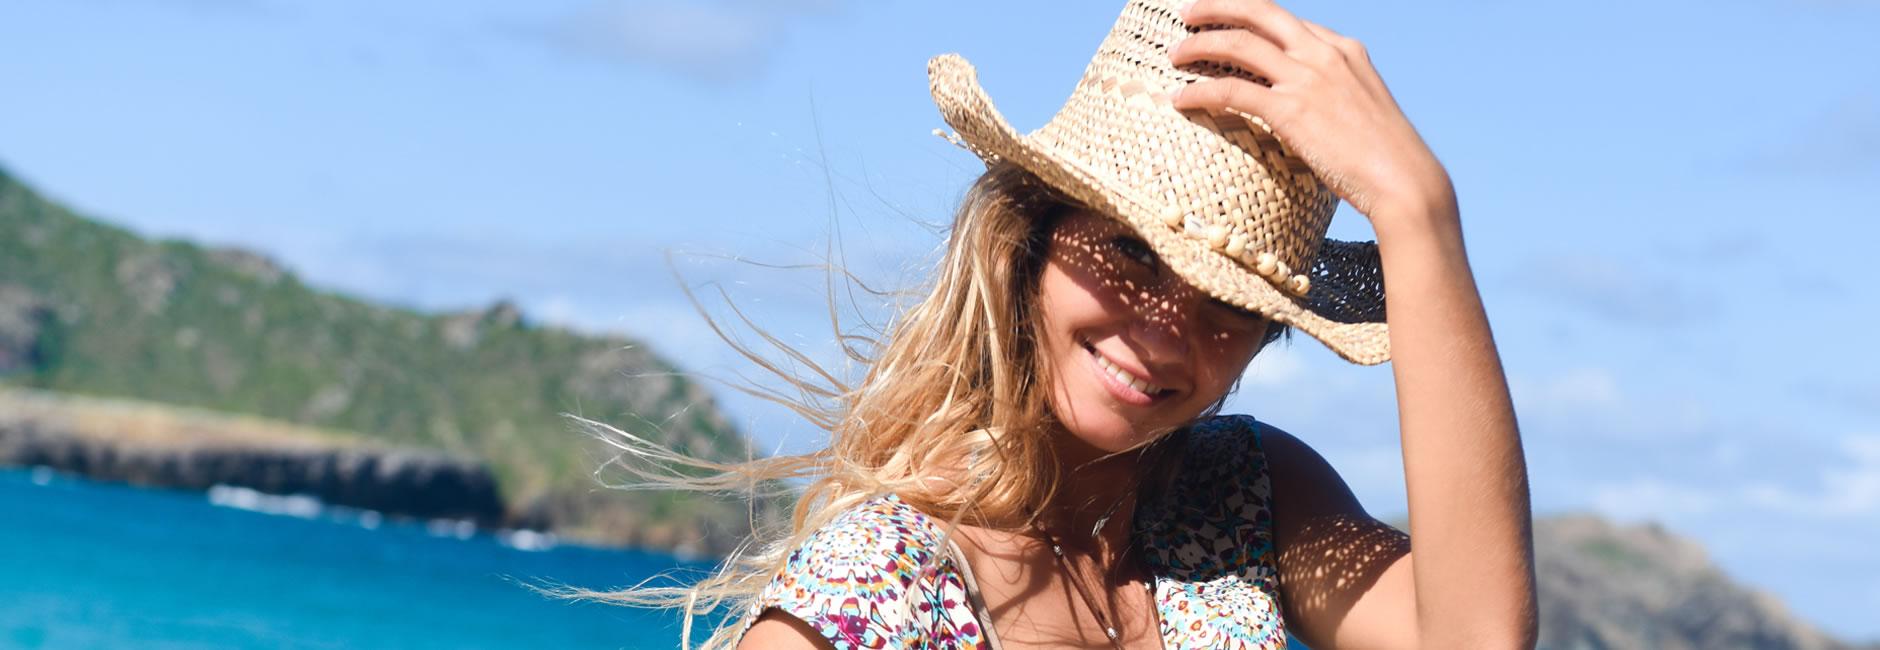 Atoll Palme, spécialiste accessoires modes